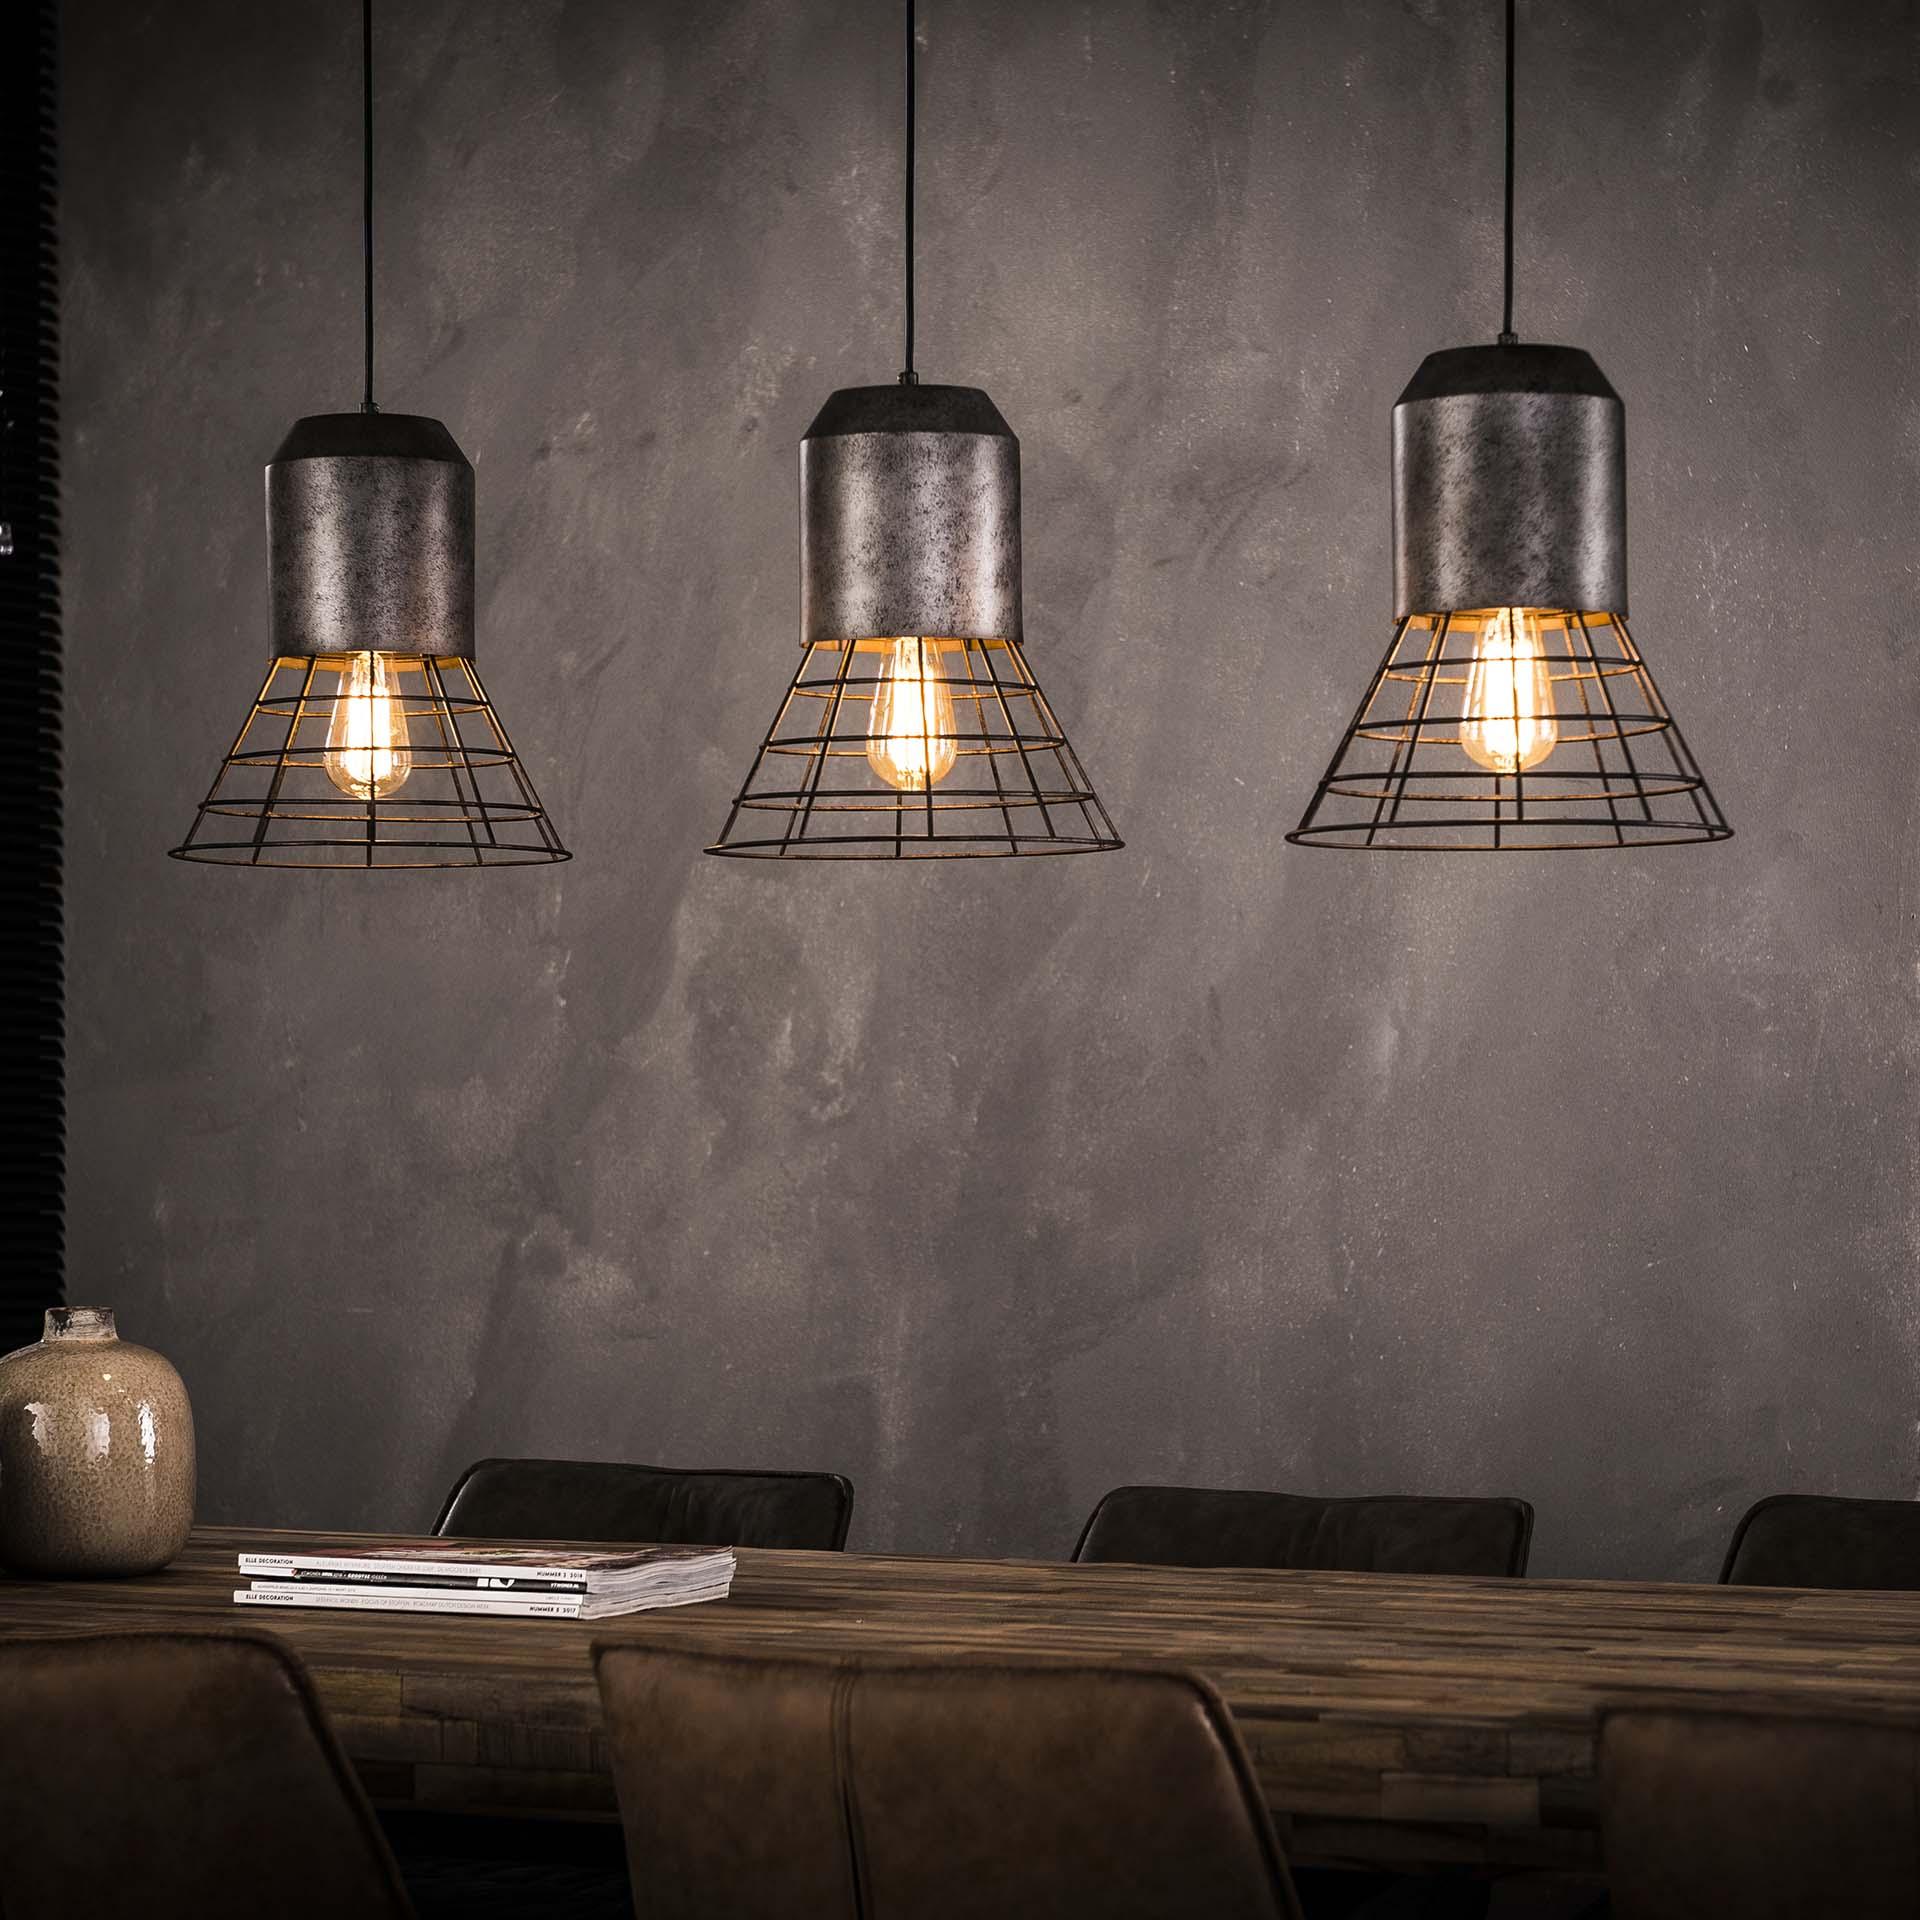 Industriële Hanglamp 'Penelope' 3-lamps Verlichting | Hanglampen kopen